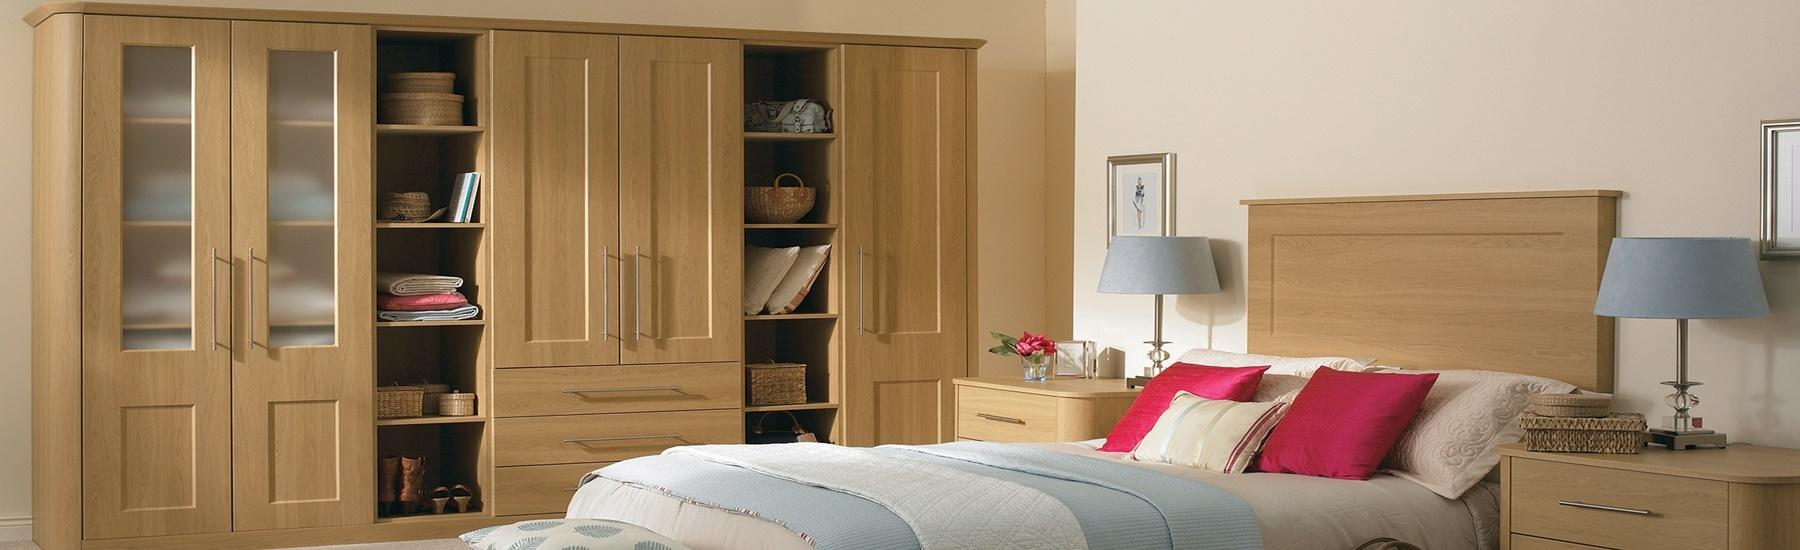 cambridge-glazed-doors